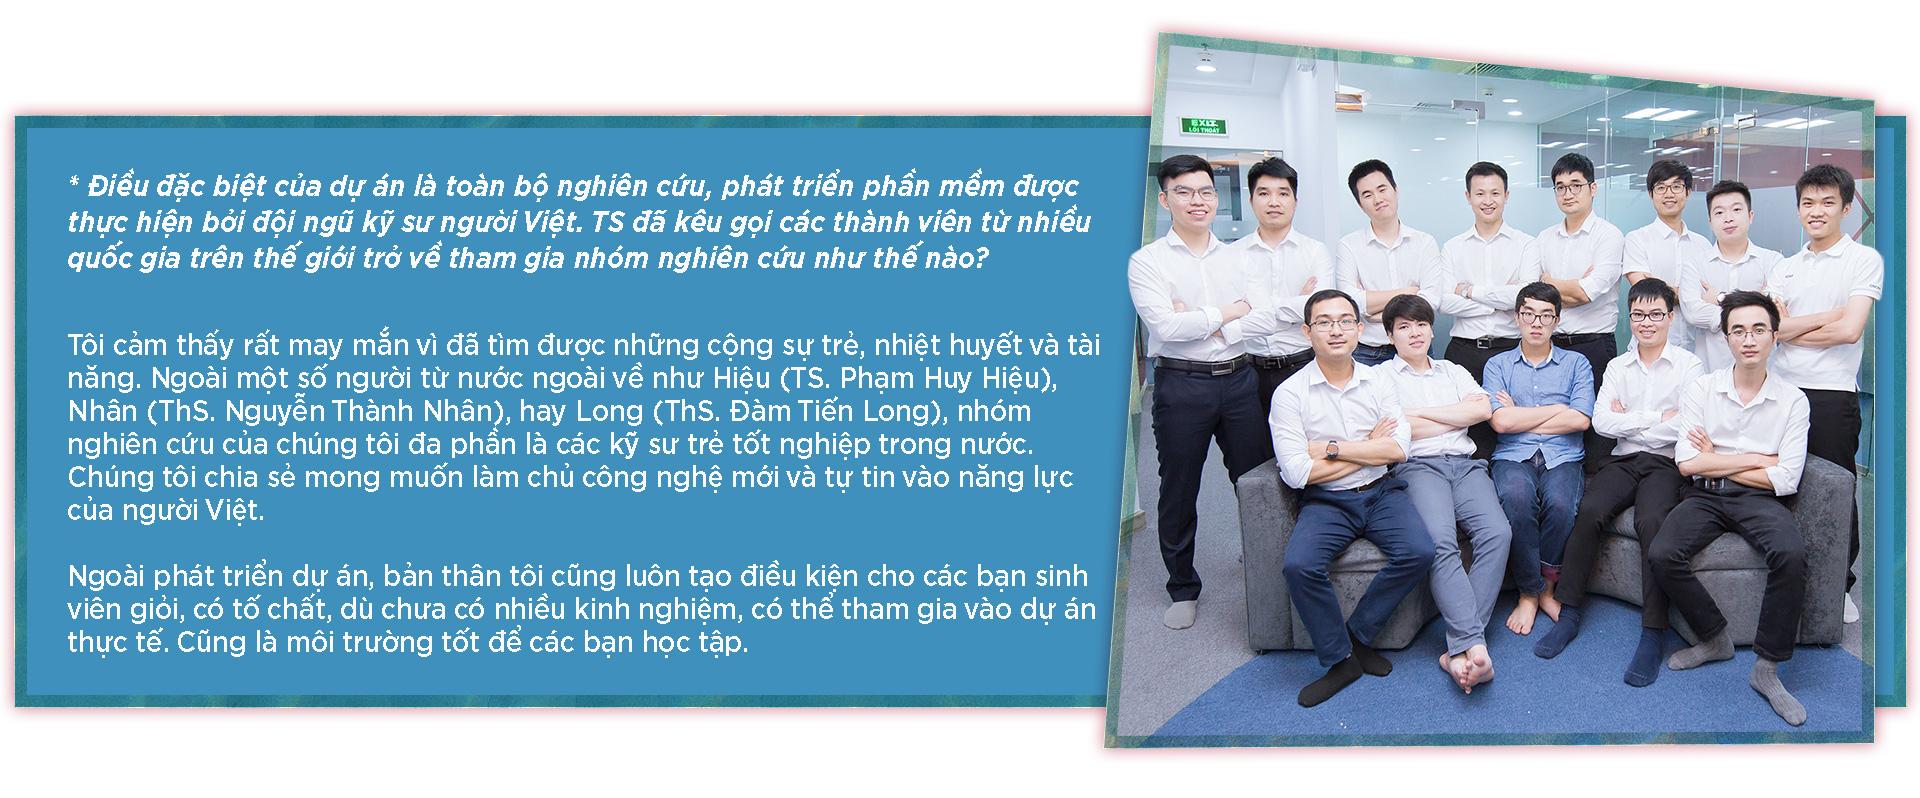 Bước tiến mới đưa trí tuệ nhân tạo vào chẩn đoán hình ảnh y tế tại Việt Nam - Ảnh 10.